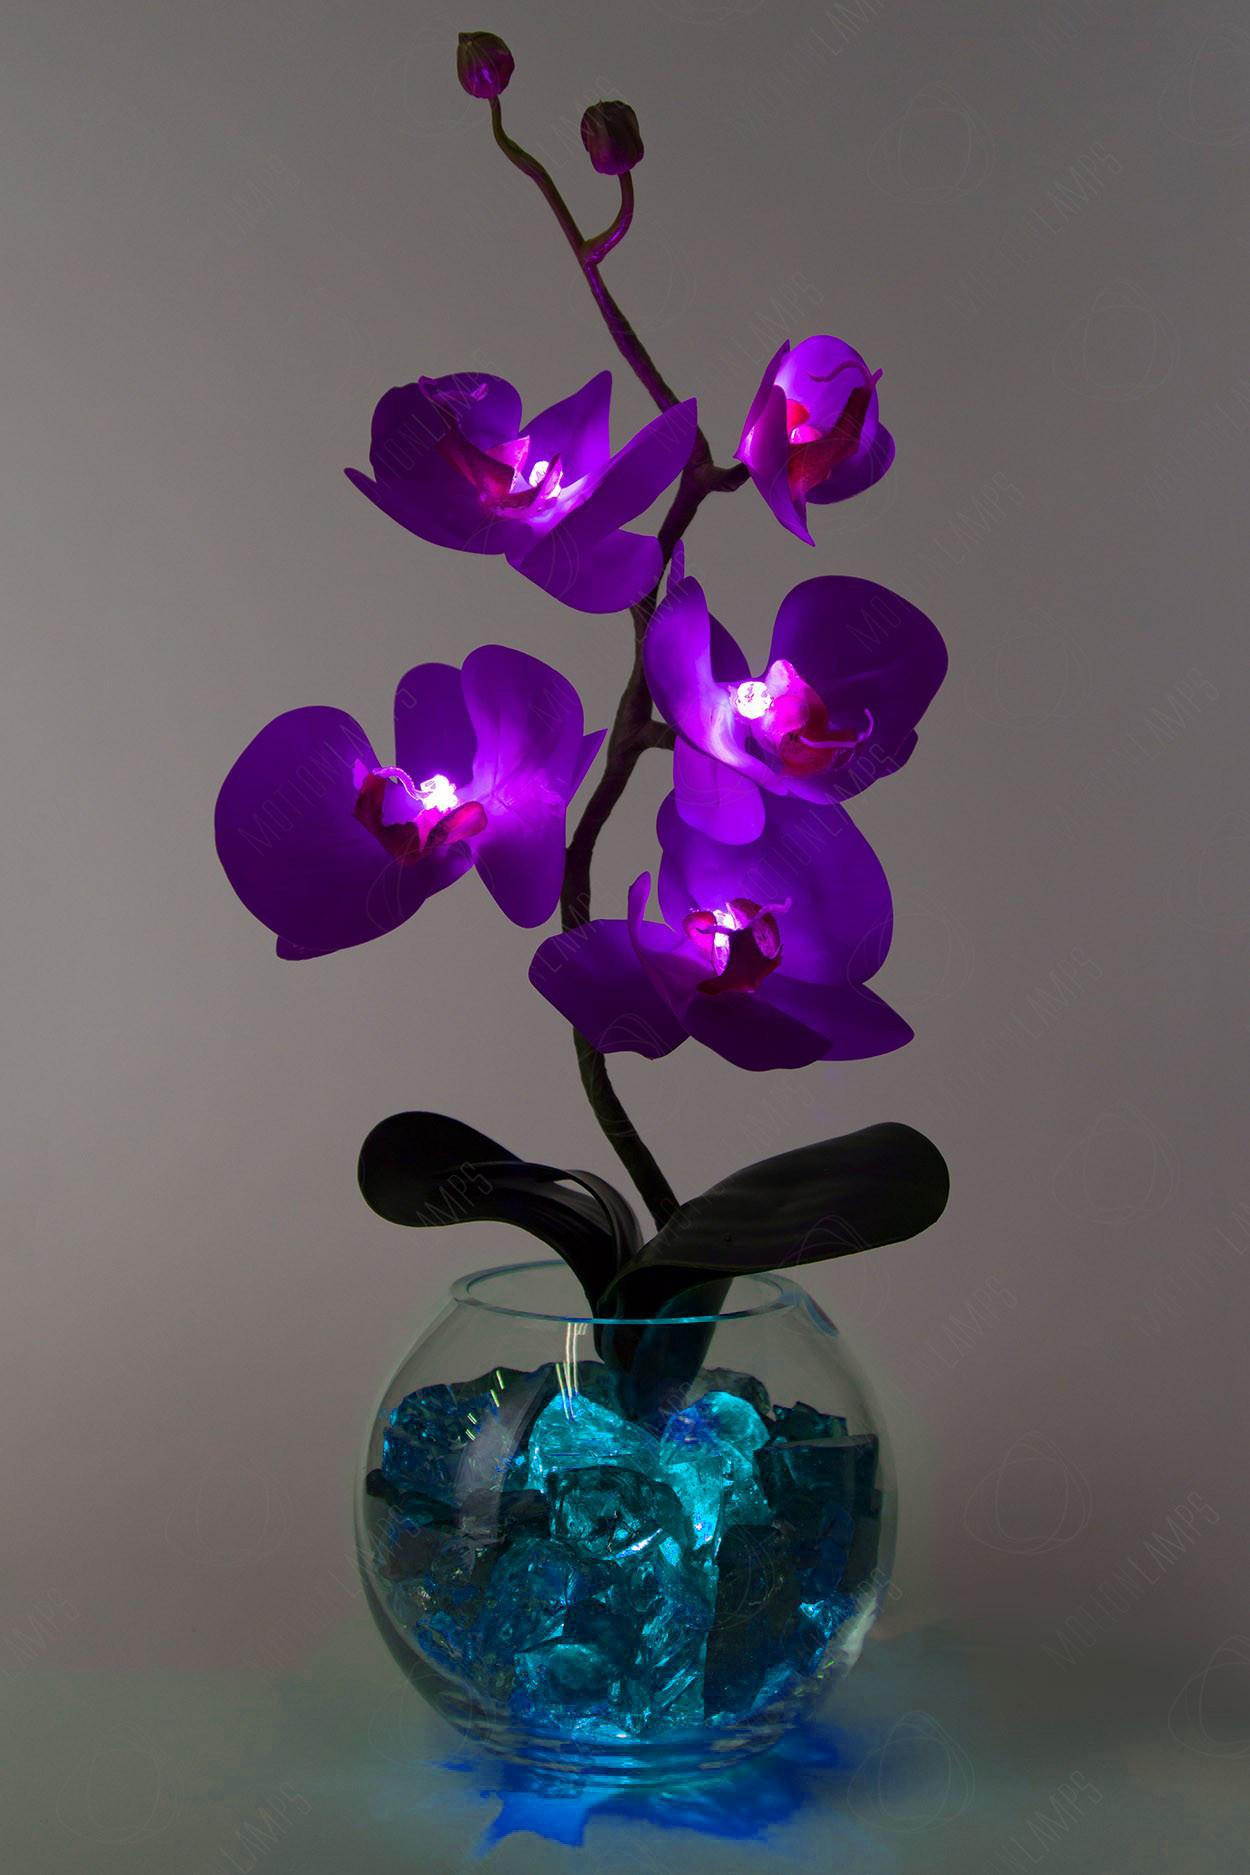 Светильник Орхидея фиолетовый(син) 5 цветков